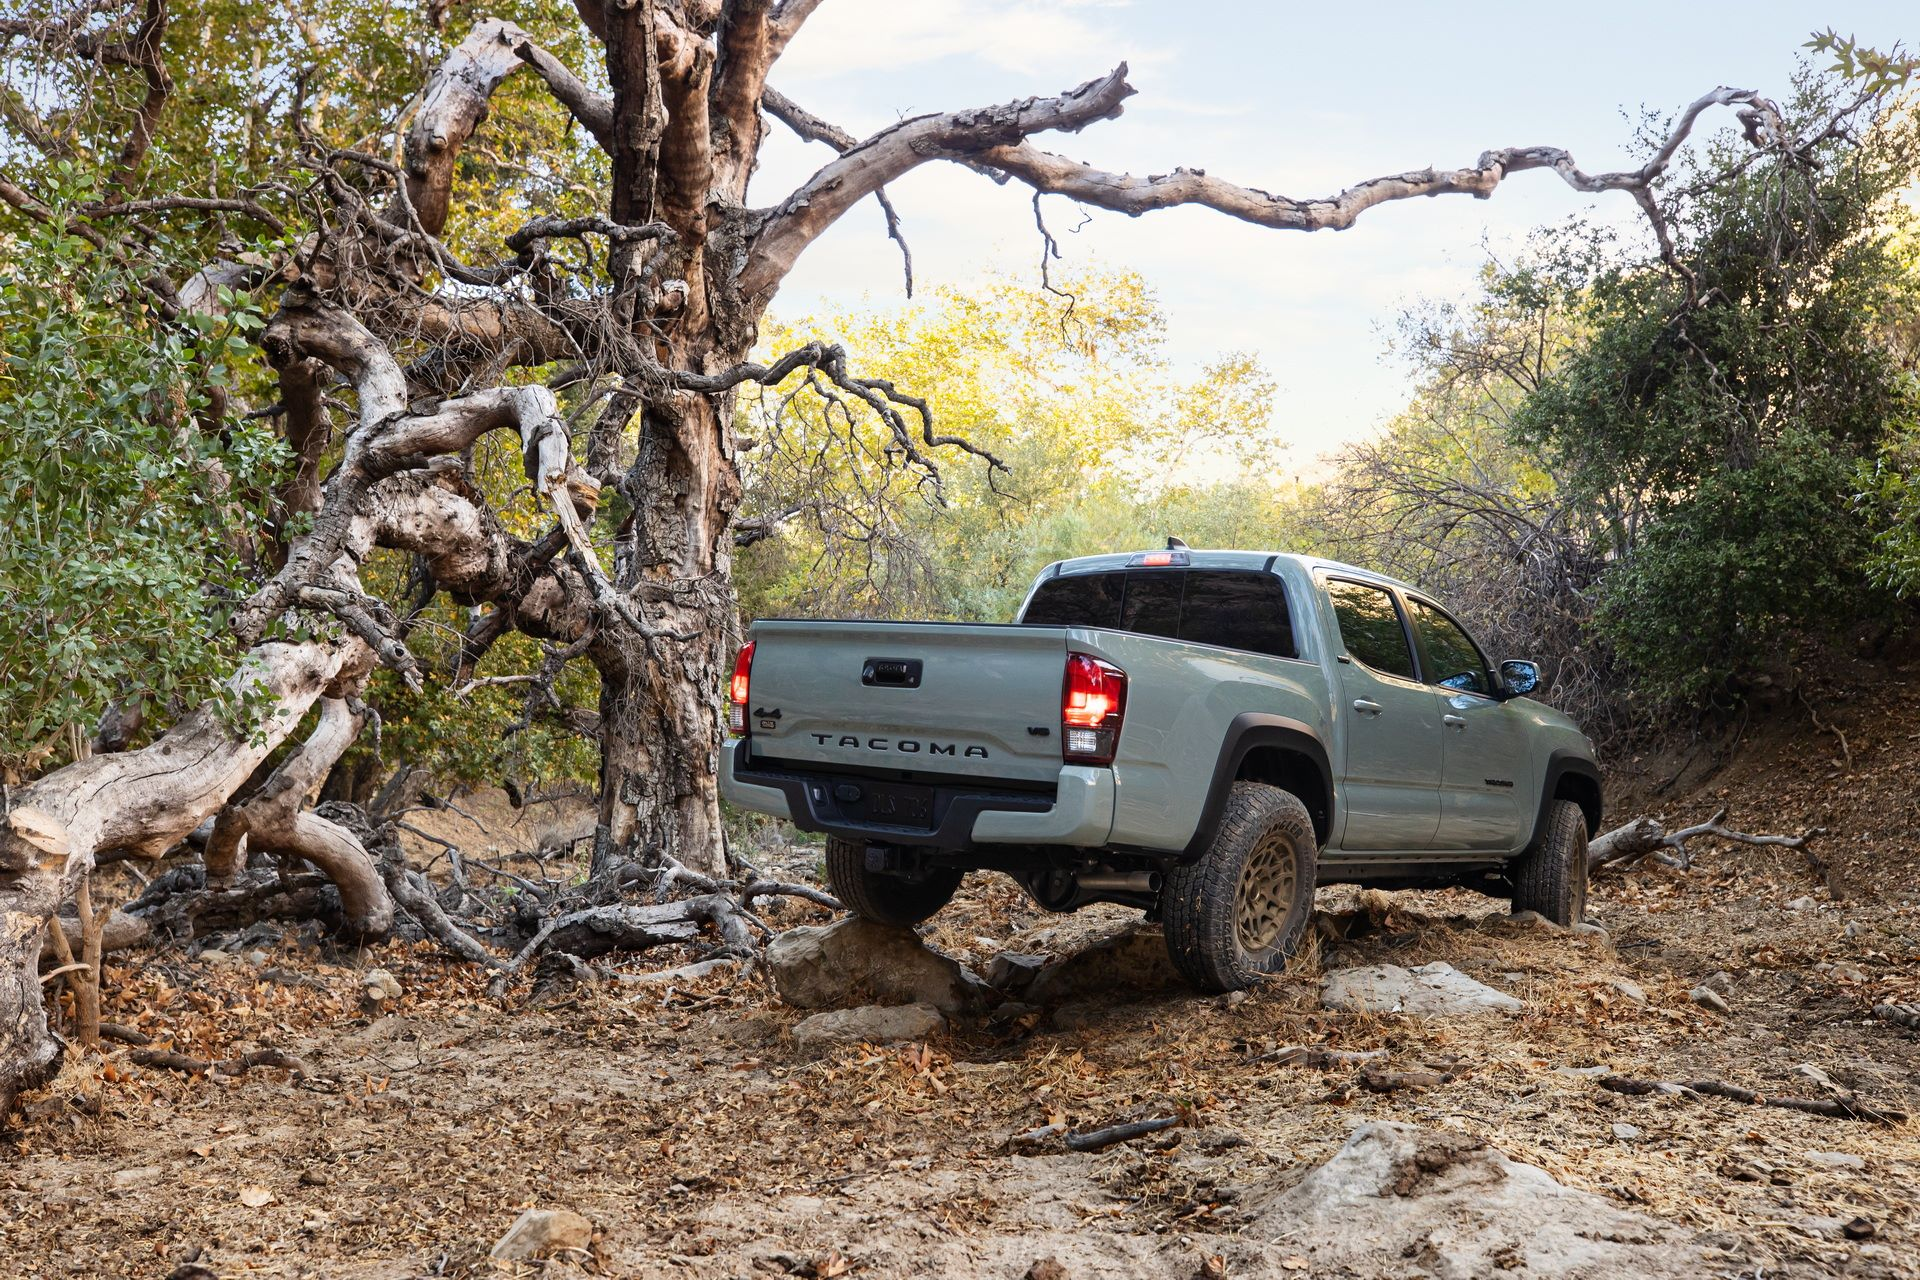 Toyota-Tacoma-TRD-Pro-and-Tacoma-Trail-Edition-6